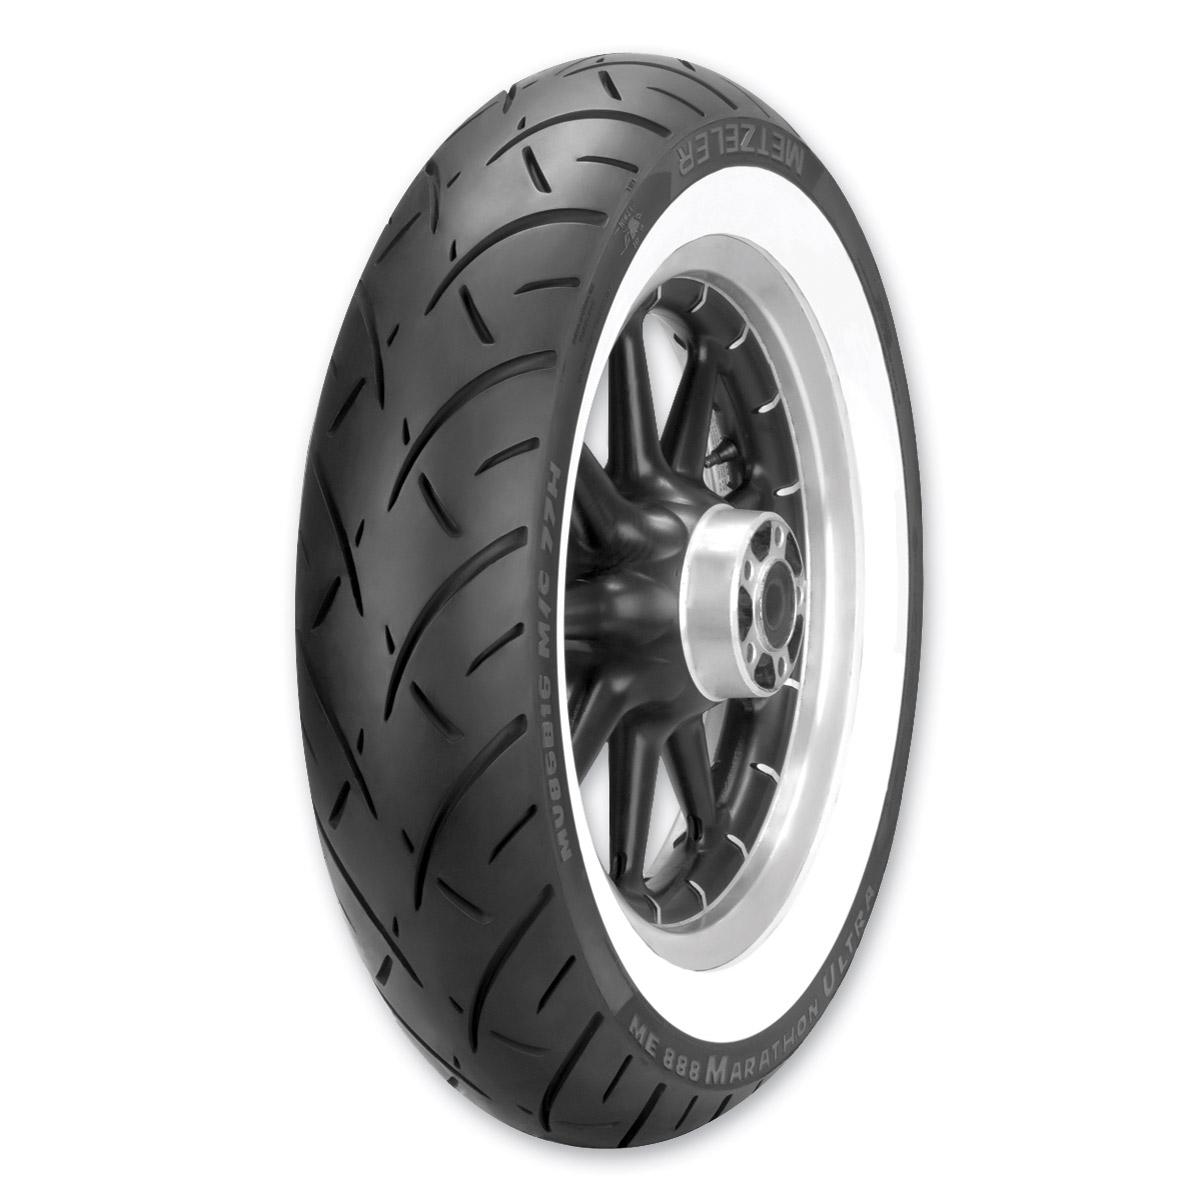 Metzeler ME888 Marathon Ultra 130/90-16 Wide Whitewall Rear Tire